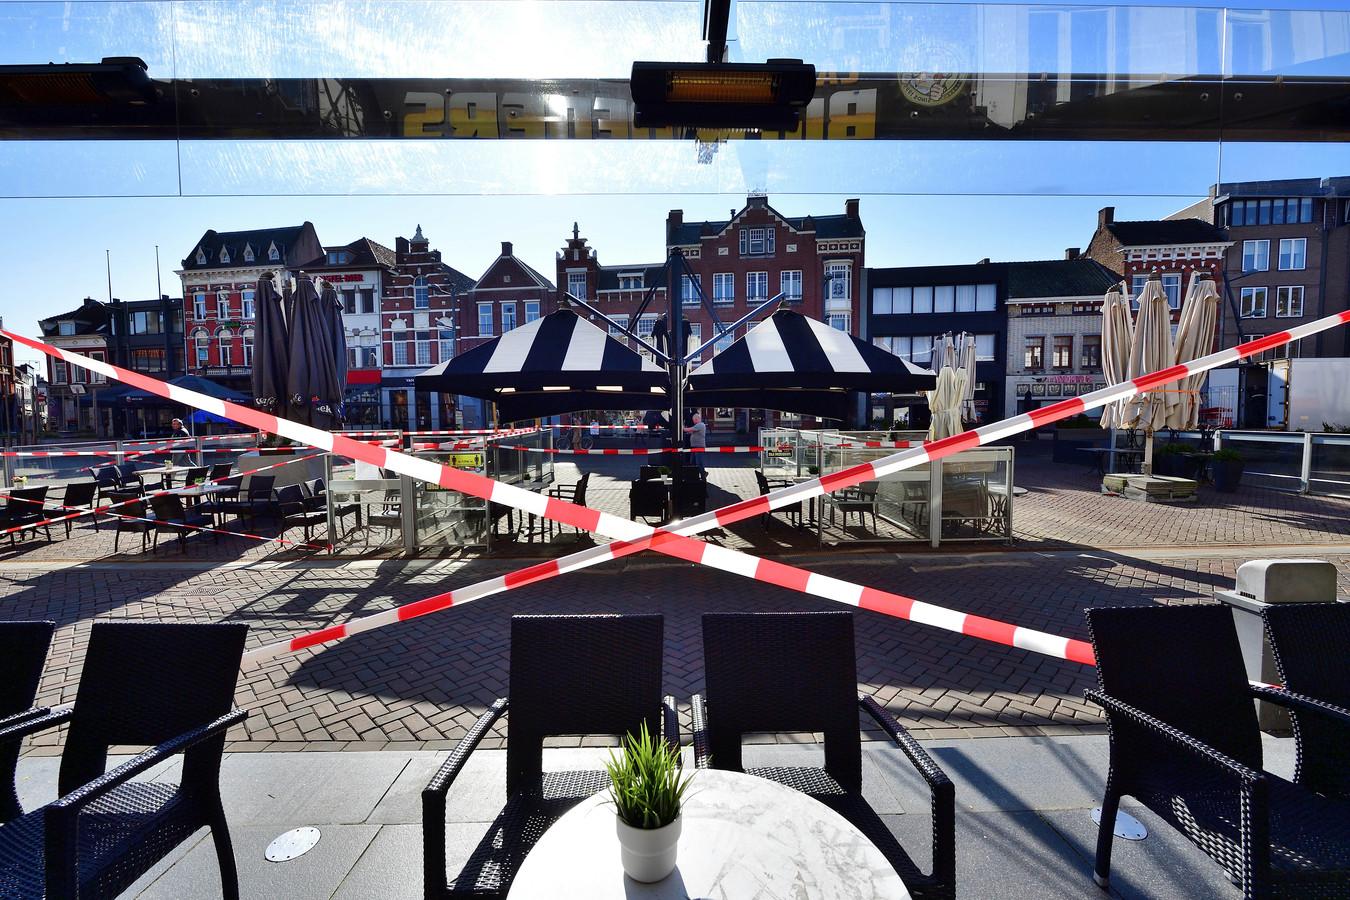 Horecaprotest op de Markt. Het terras van Bij Moeders is opgesteld, maar afgezet met linten.